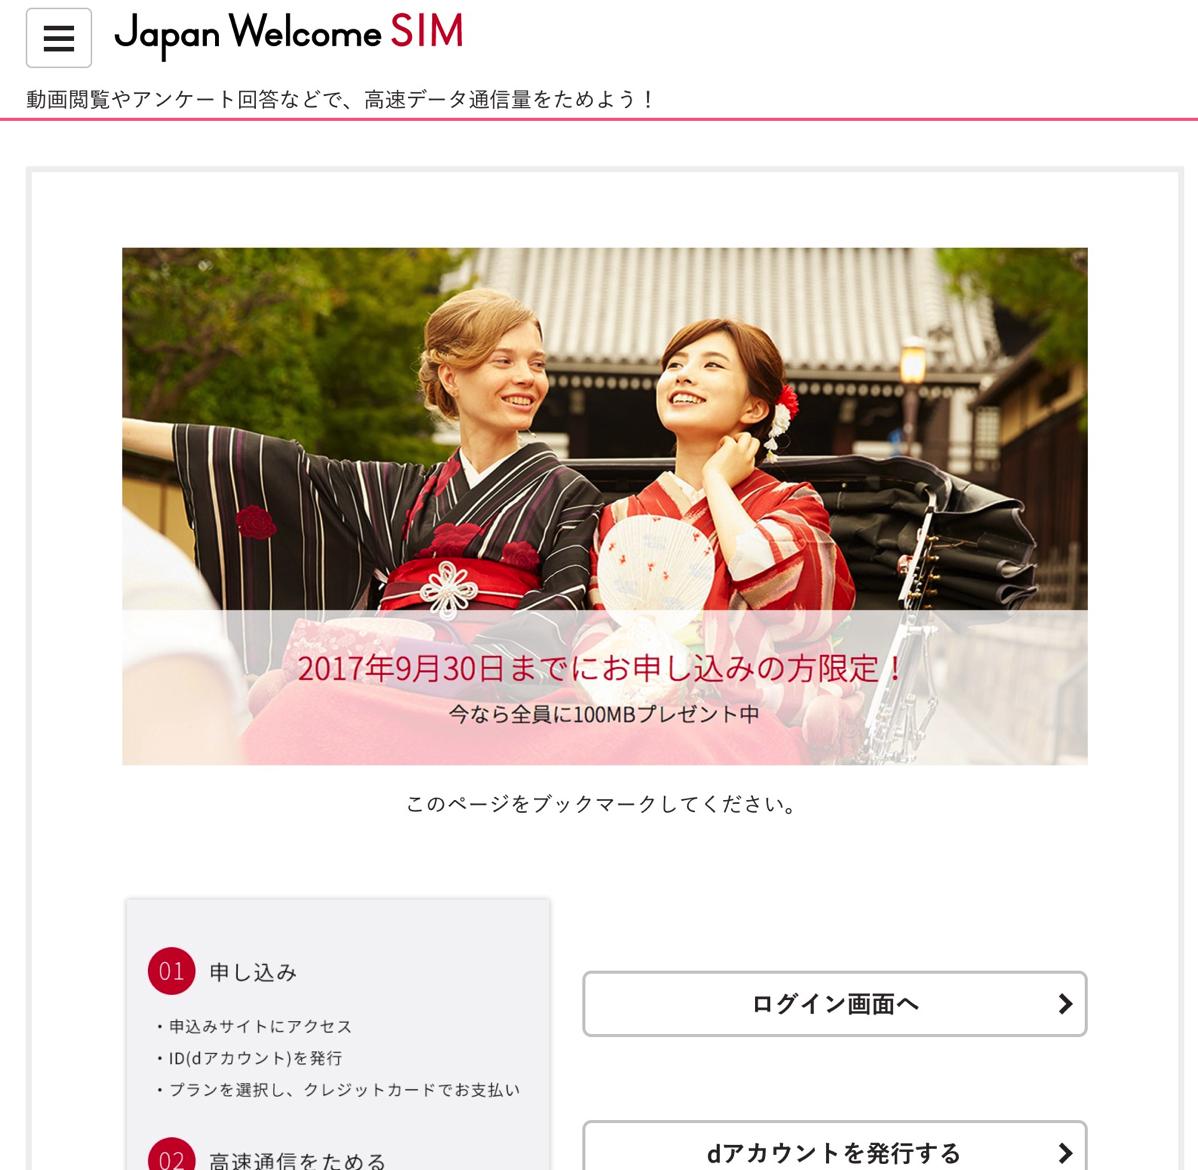 ドコモ、「Japan Welcome SIM」を提供開始